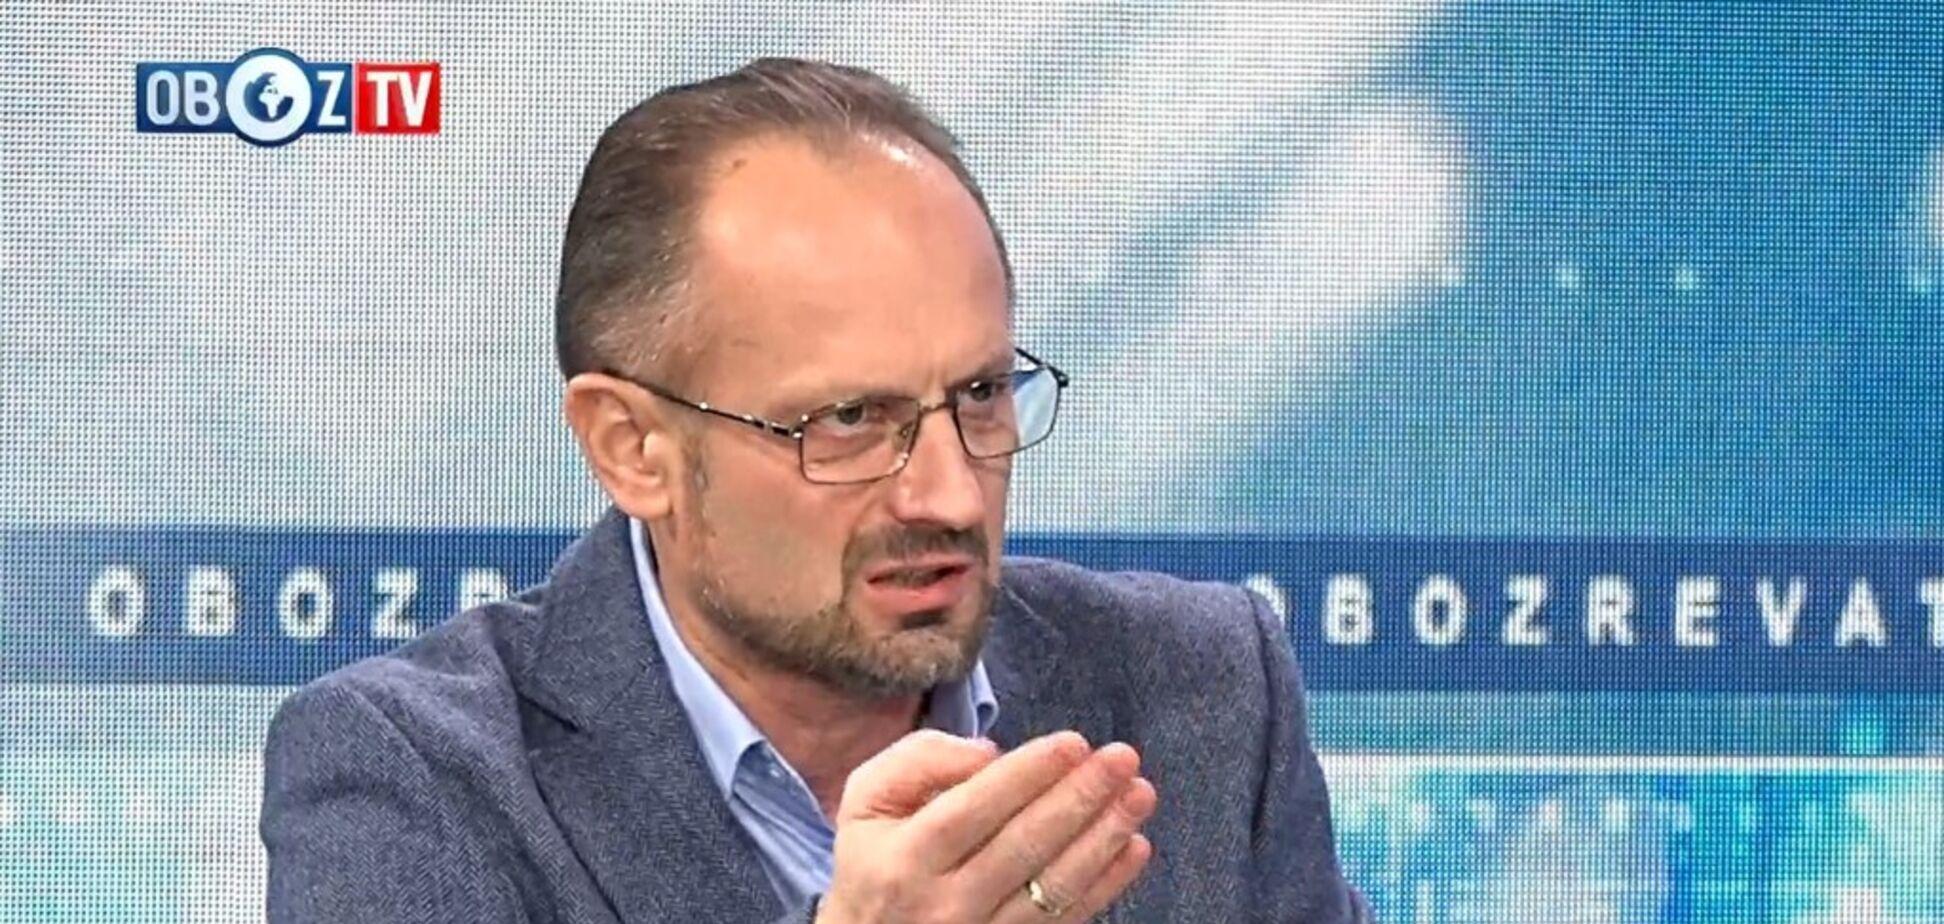 Різдвяне перемир'я на Донбасі вже стало традицією: Роман Безсмертний